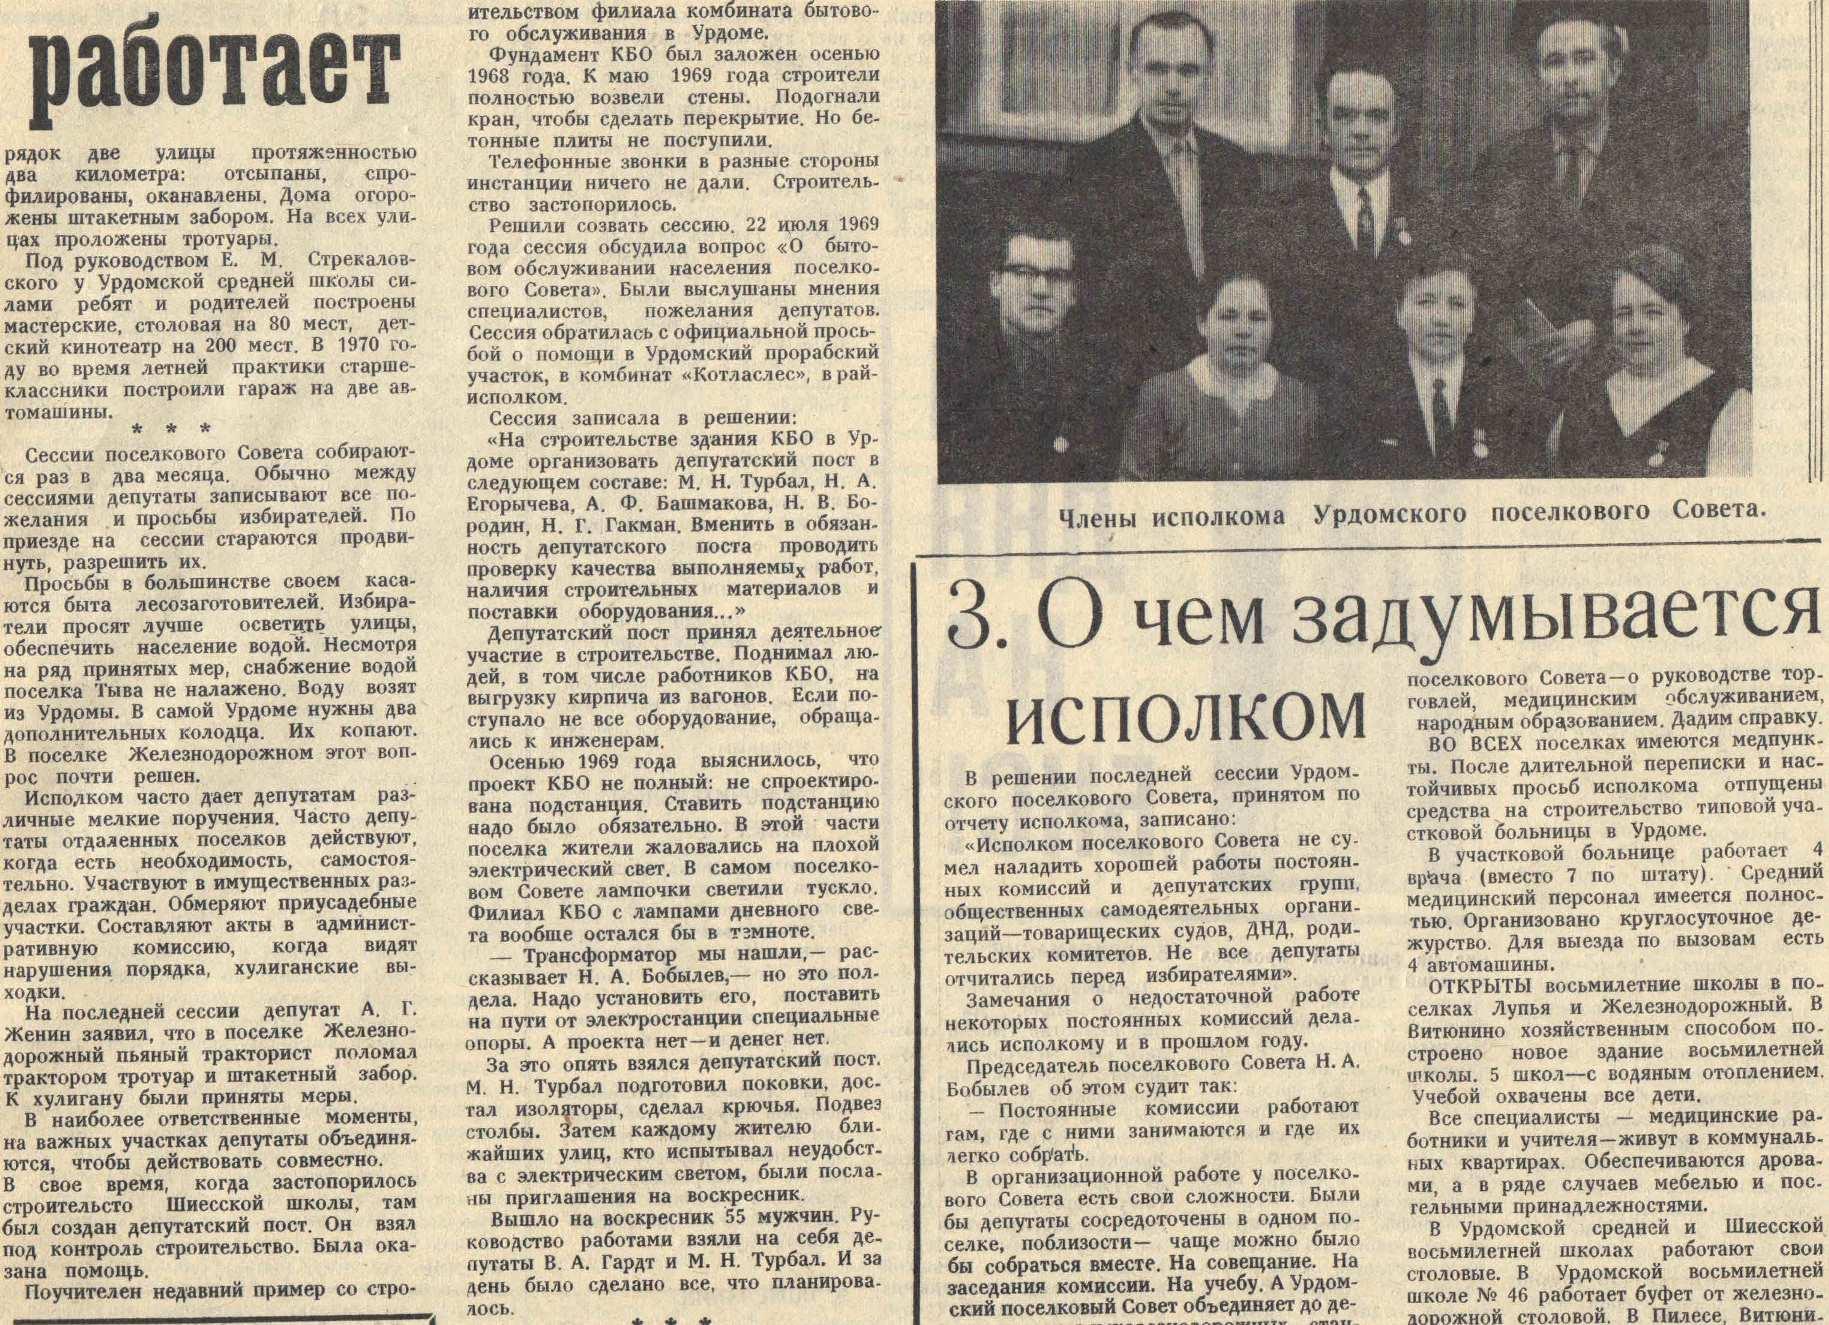 Маяк 16.01.1971 Урдомский поссовет. Почетная грамота (5)